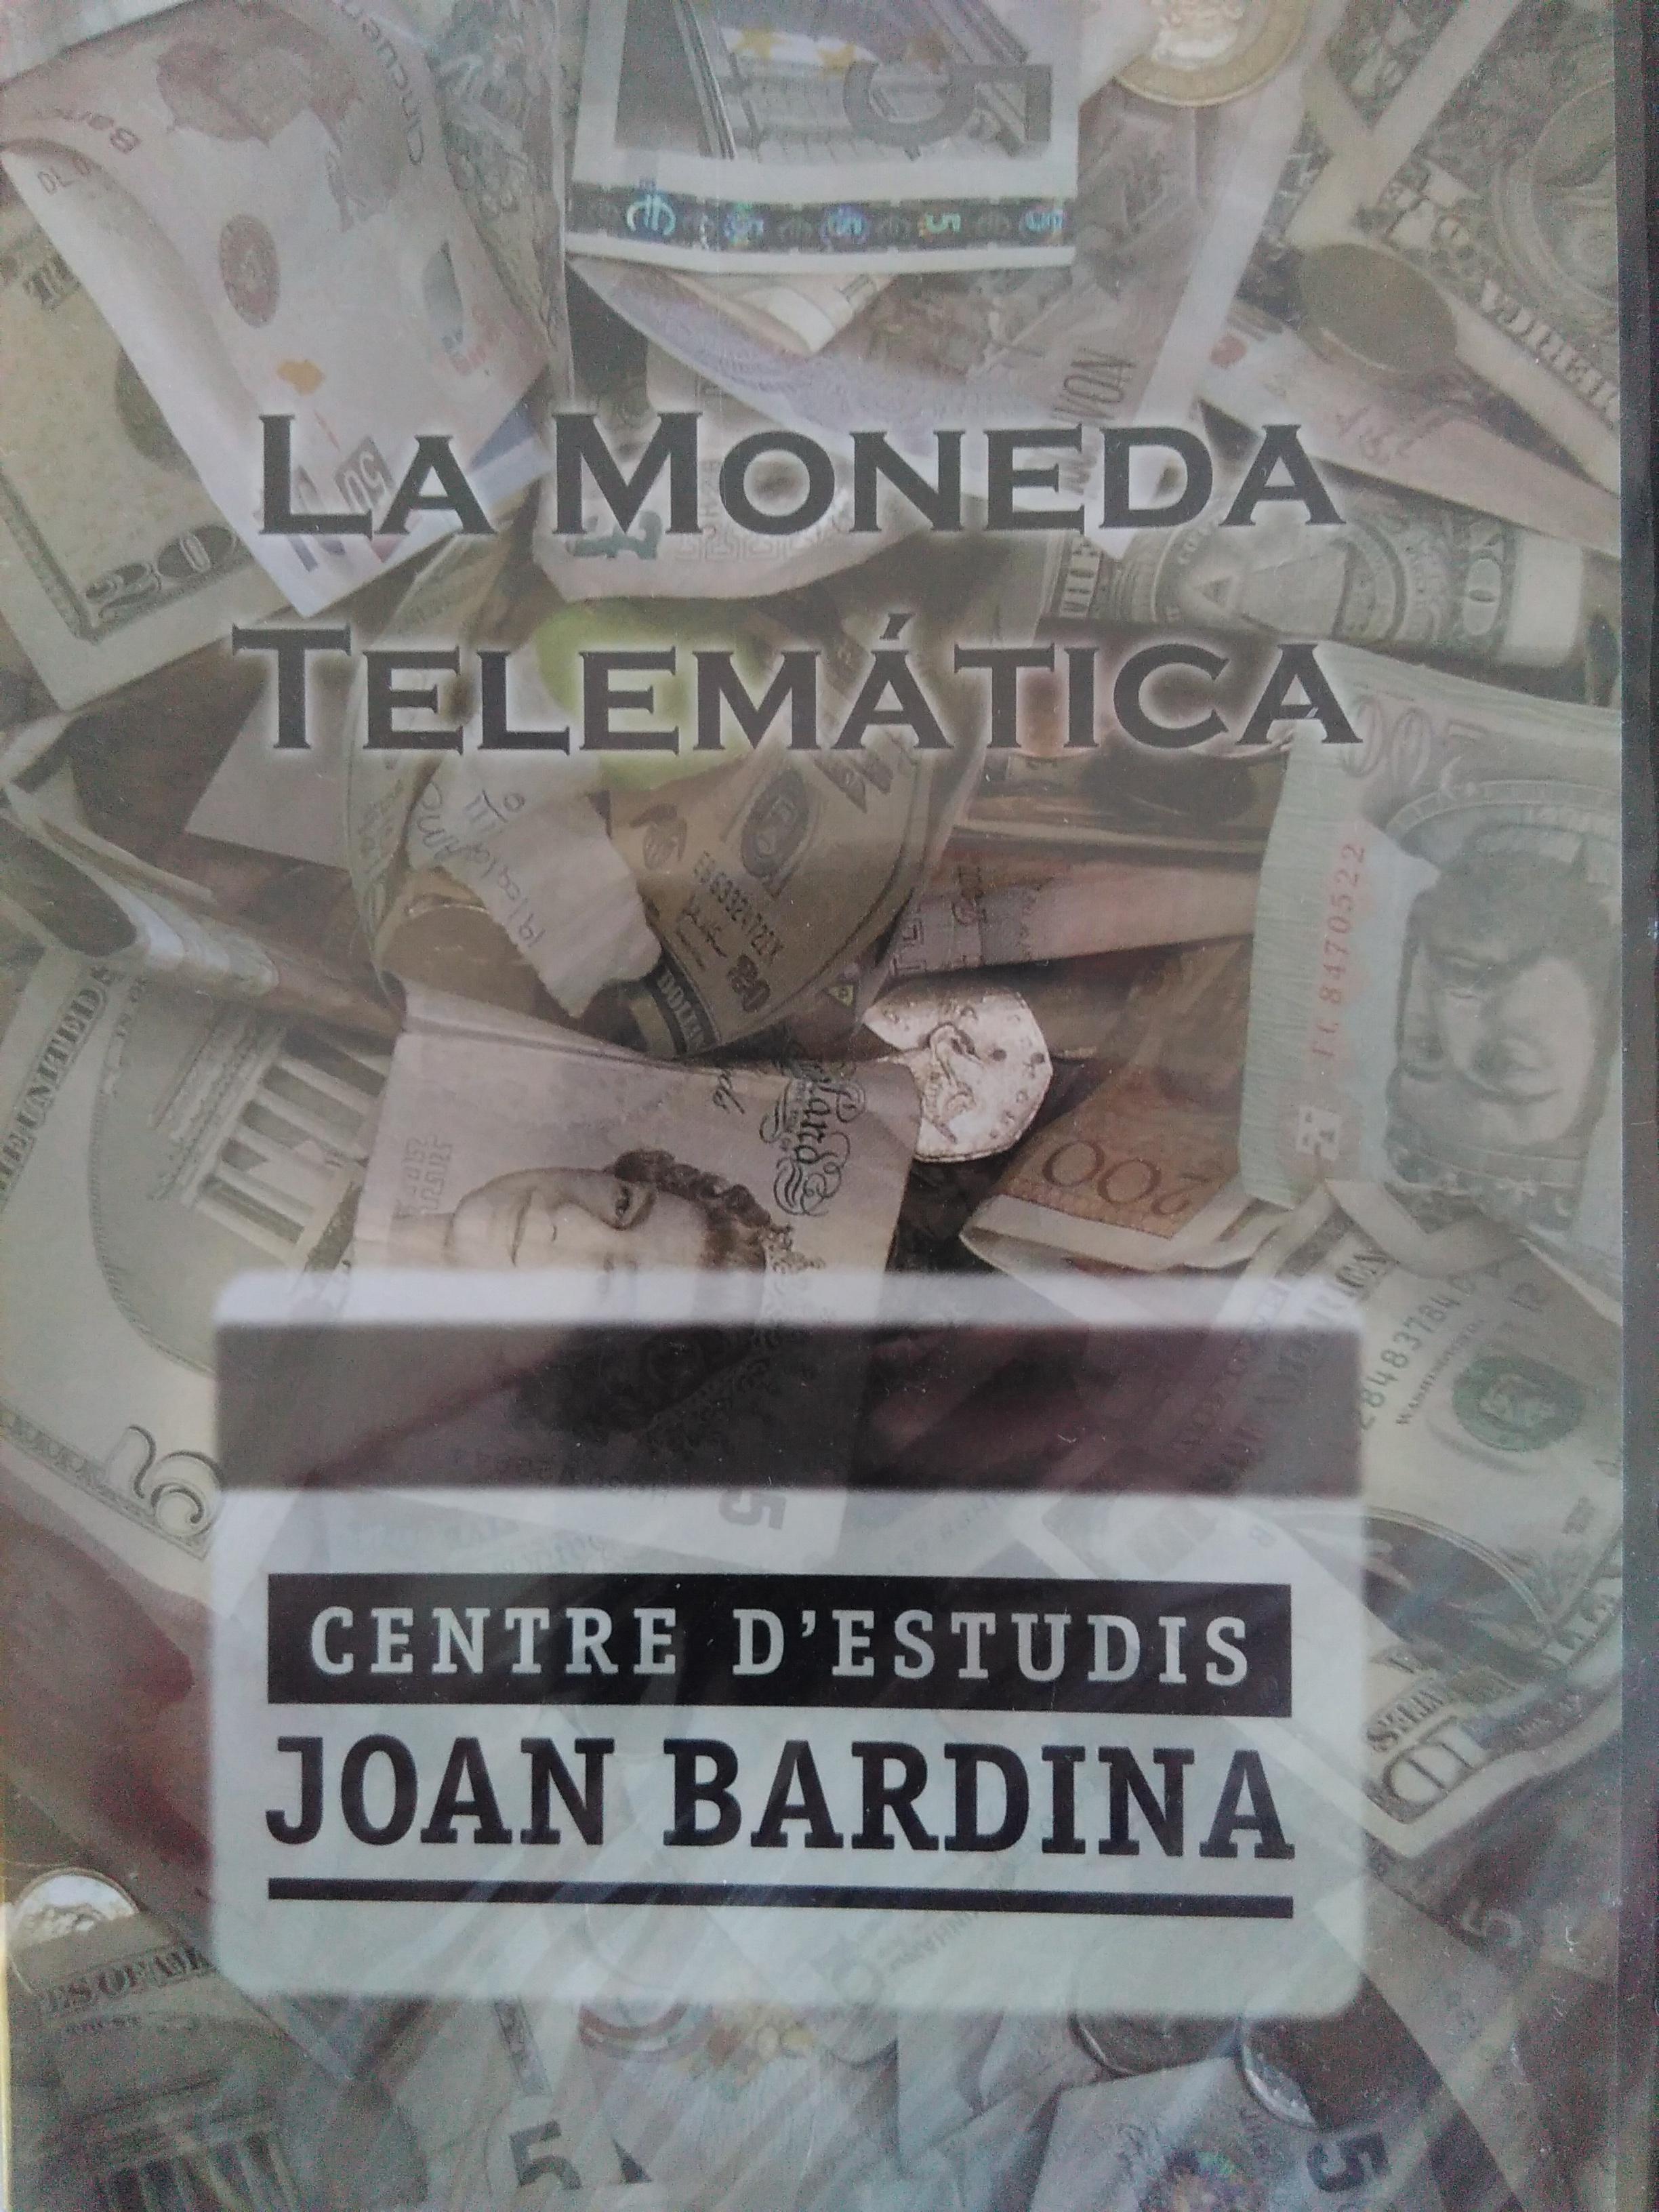 La moneda telemàtica. Centre d'Estudis Joan Bardina. DVD. 2008